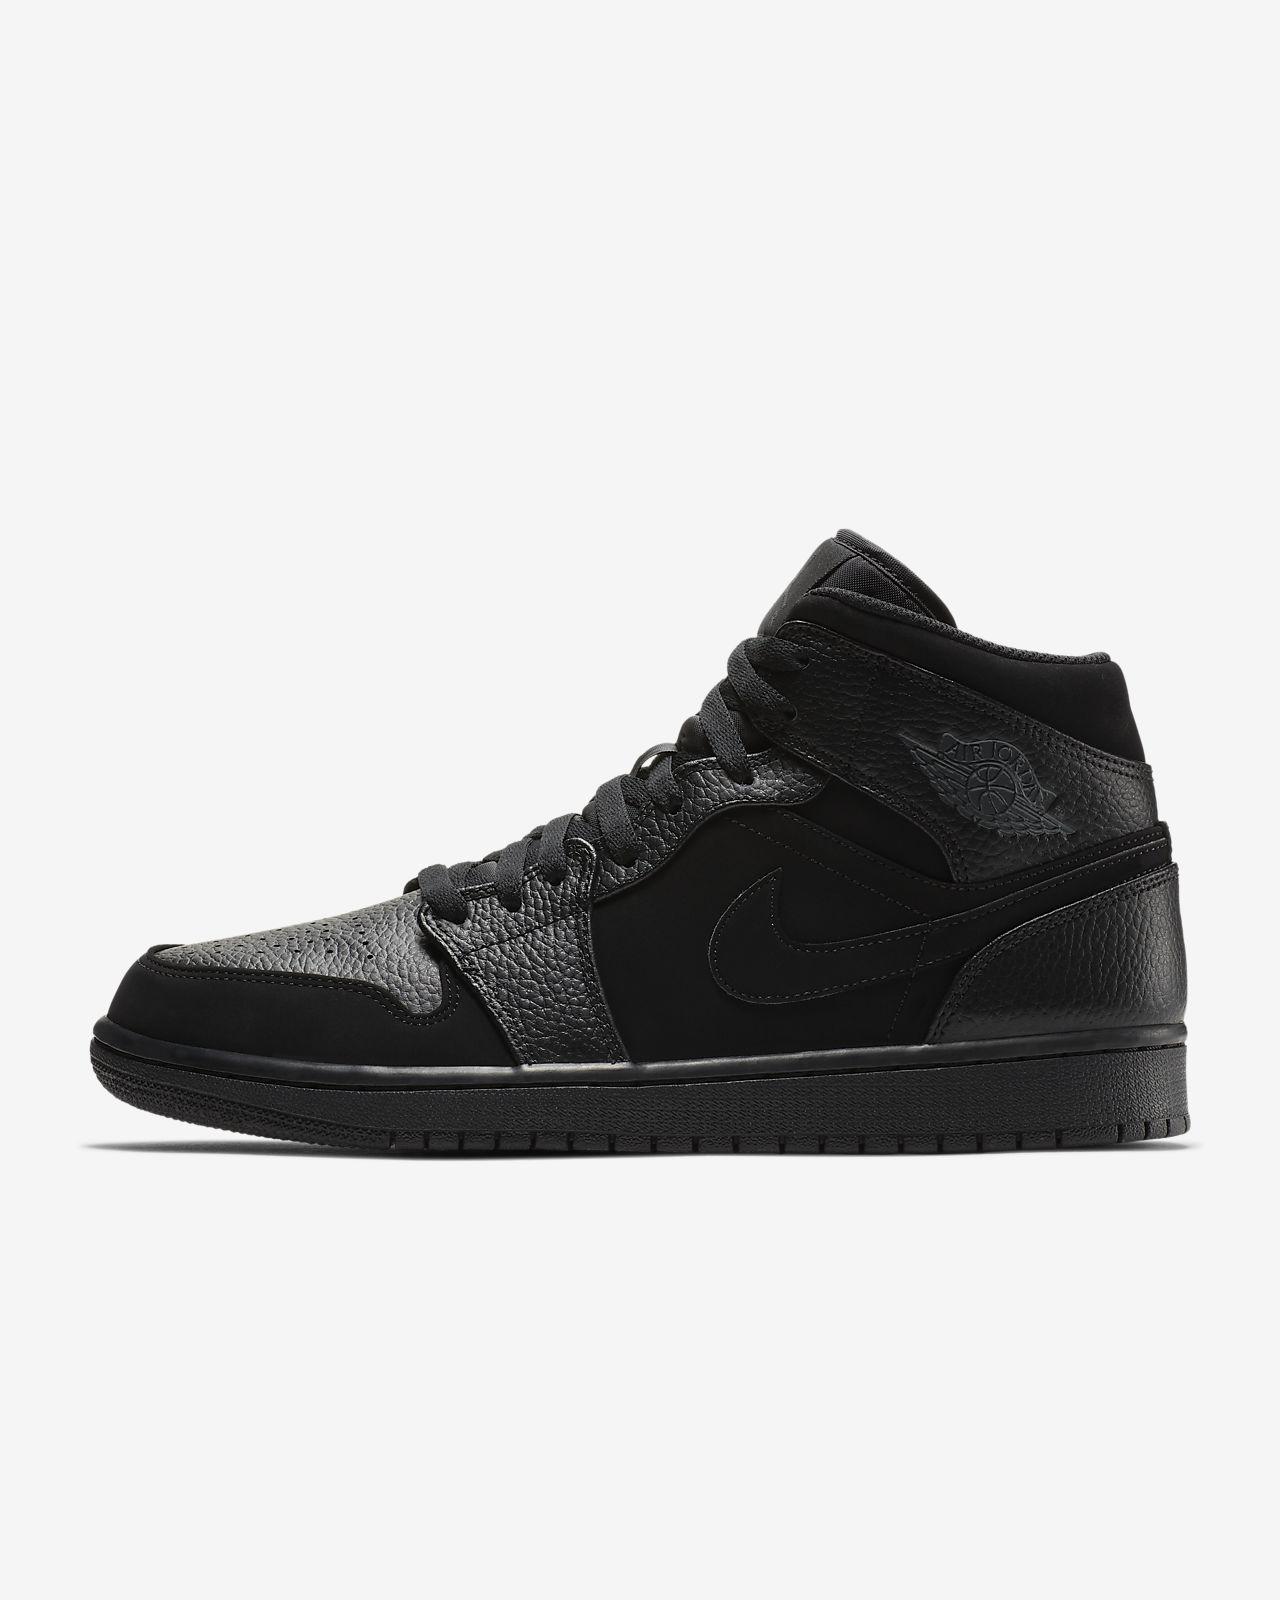 new product e1f25 36d70 ... Calzado para hombre Air Jordan 1 Mid